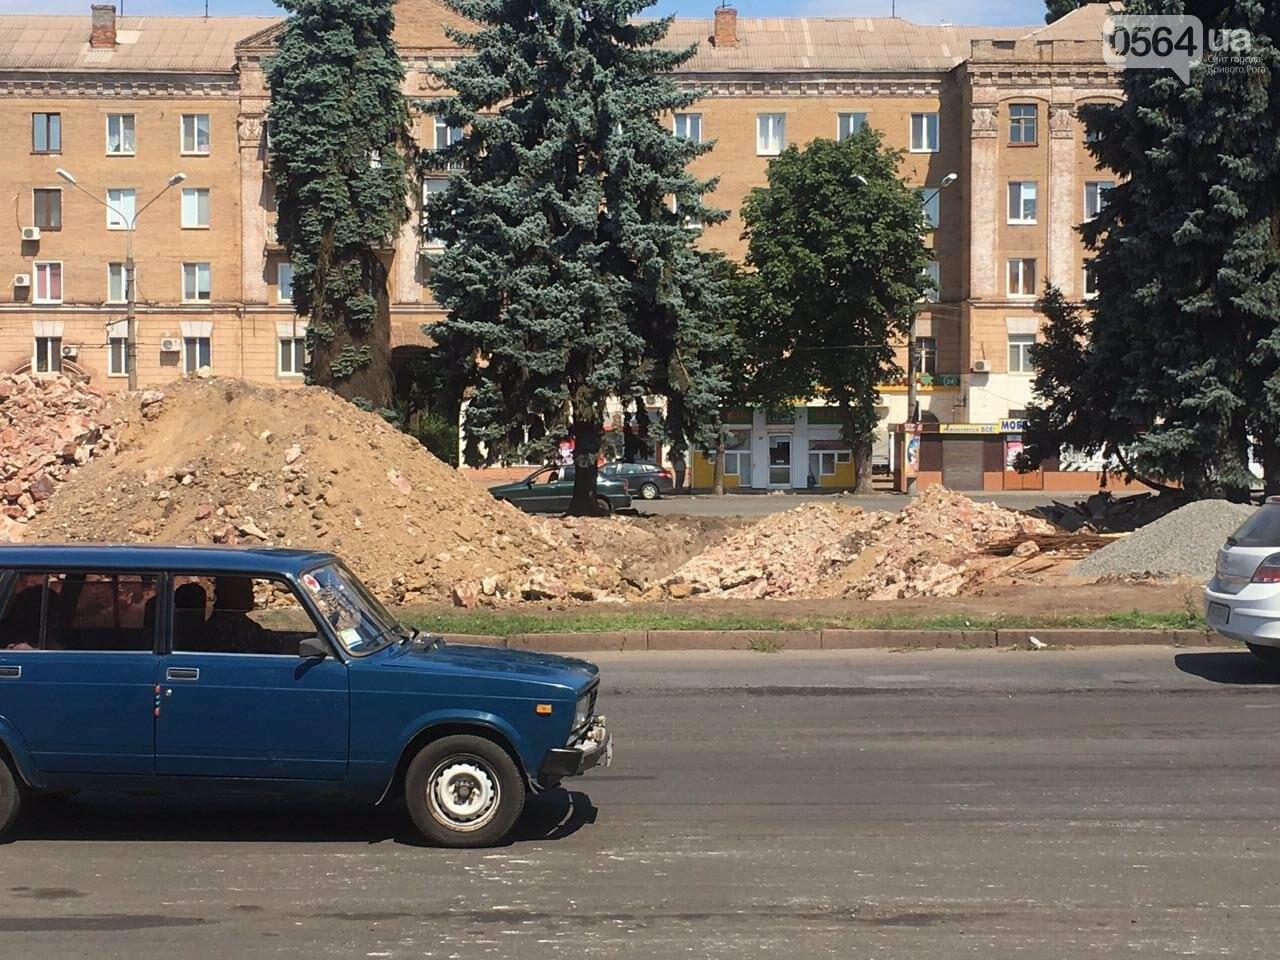 В Кривом Роге готовят площадь для установки памятника Киевскому князю Владимиру Великому, - ФОТО, фото-21